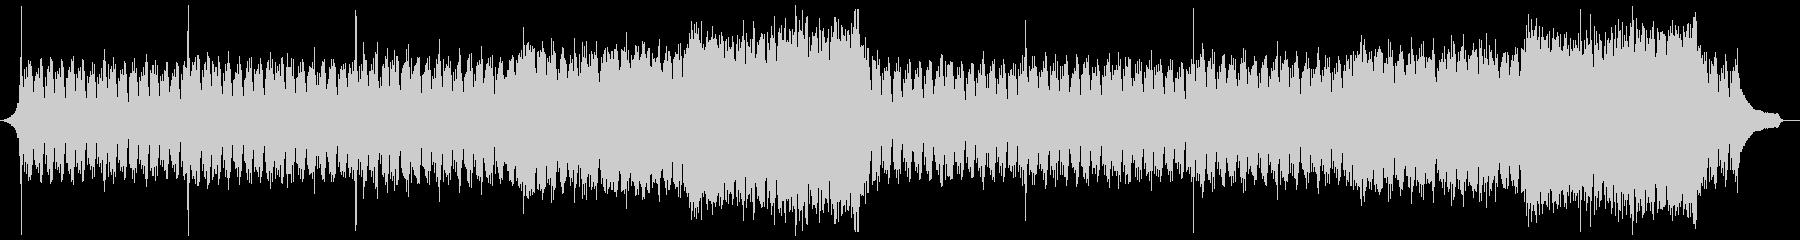 企業VP映像、111オーケストラ、爽快aの未再生の波形